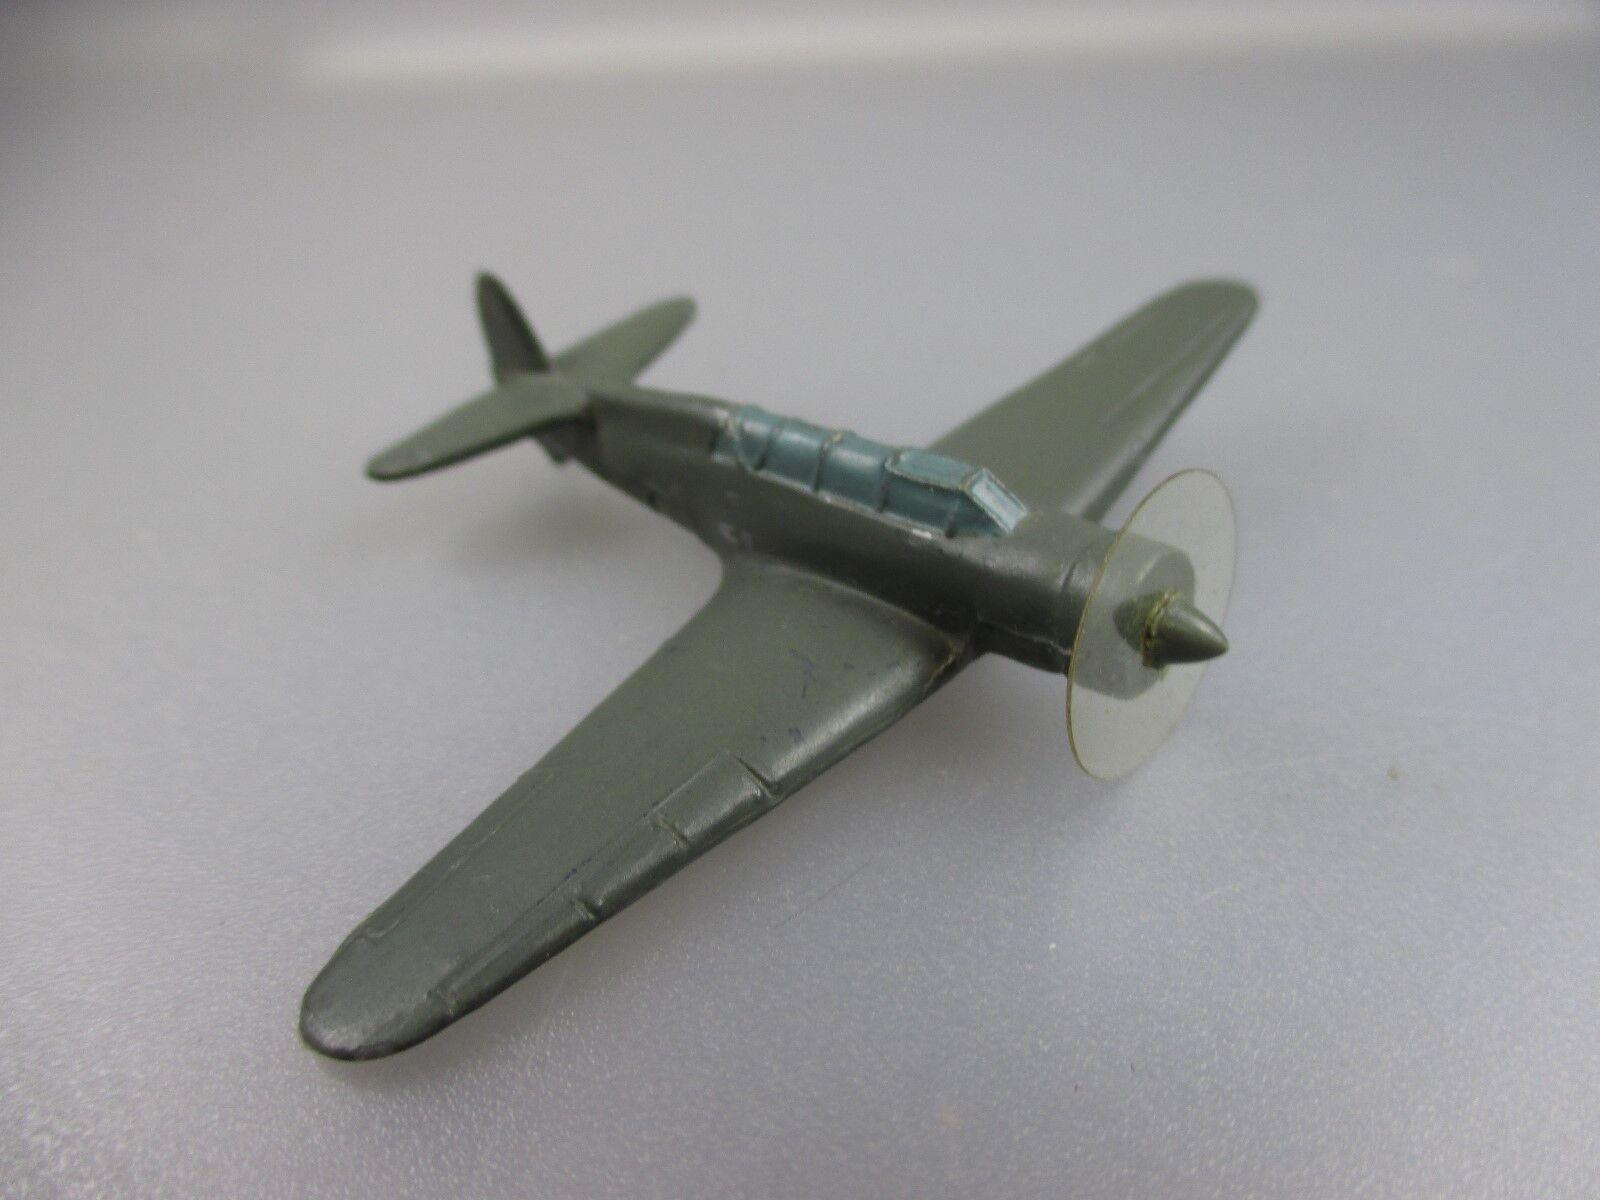 Wiking: aereo usa3, Vultee v12, parte superiore verniciato (recidiva 47)